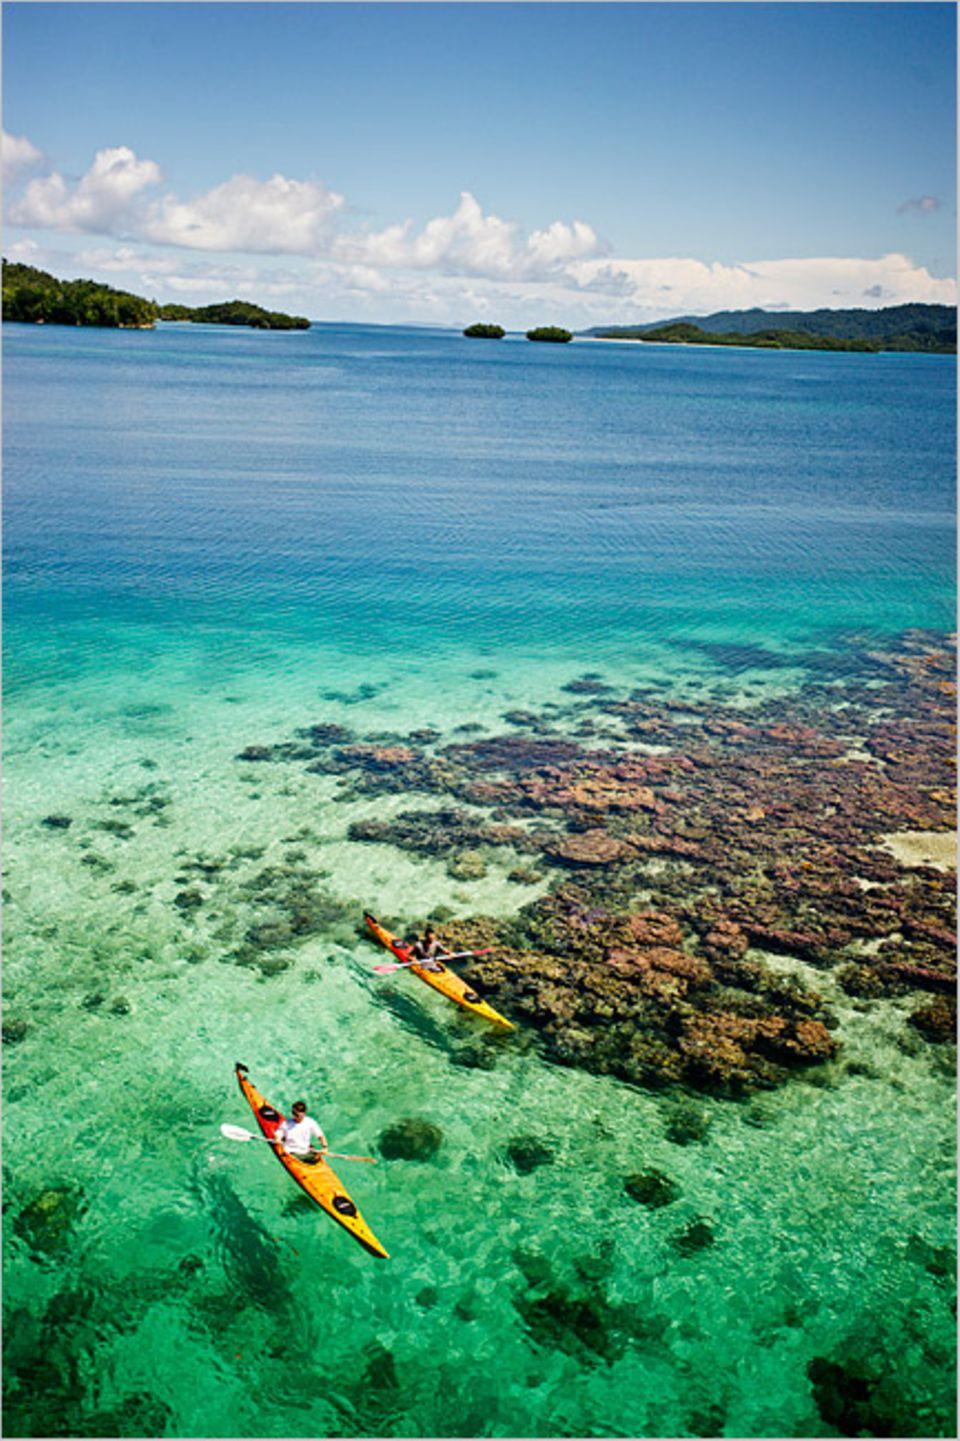 Raja Ampat: Zwei Kajakfahrer in der Kaboei Bay, einer Lagune im Archipel